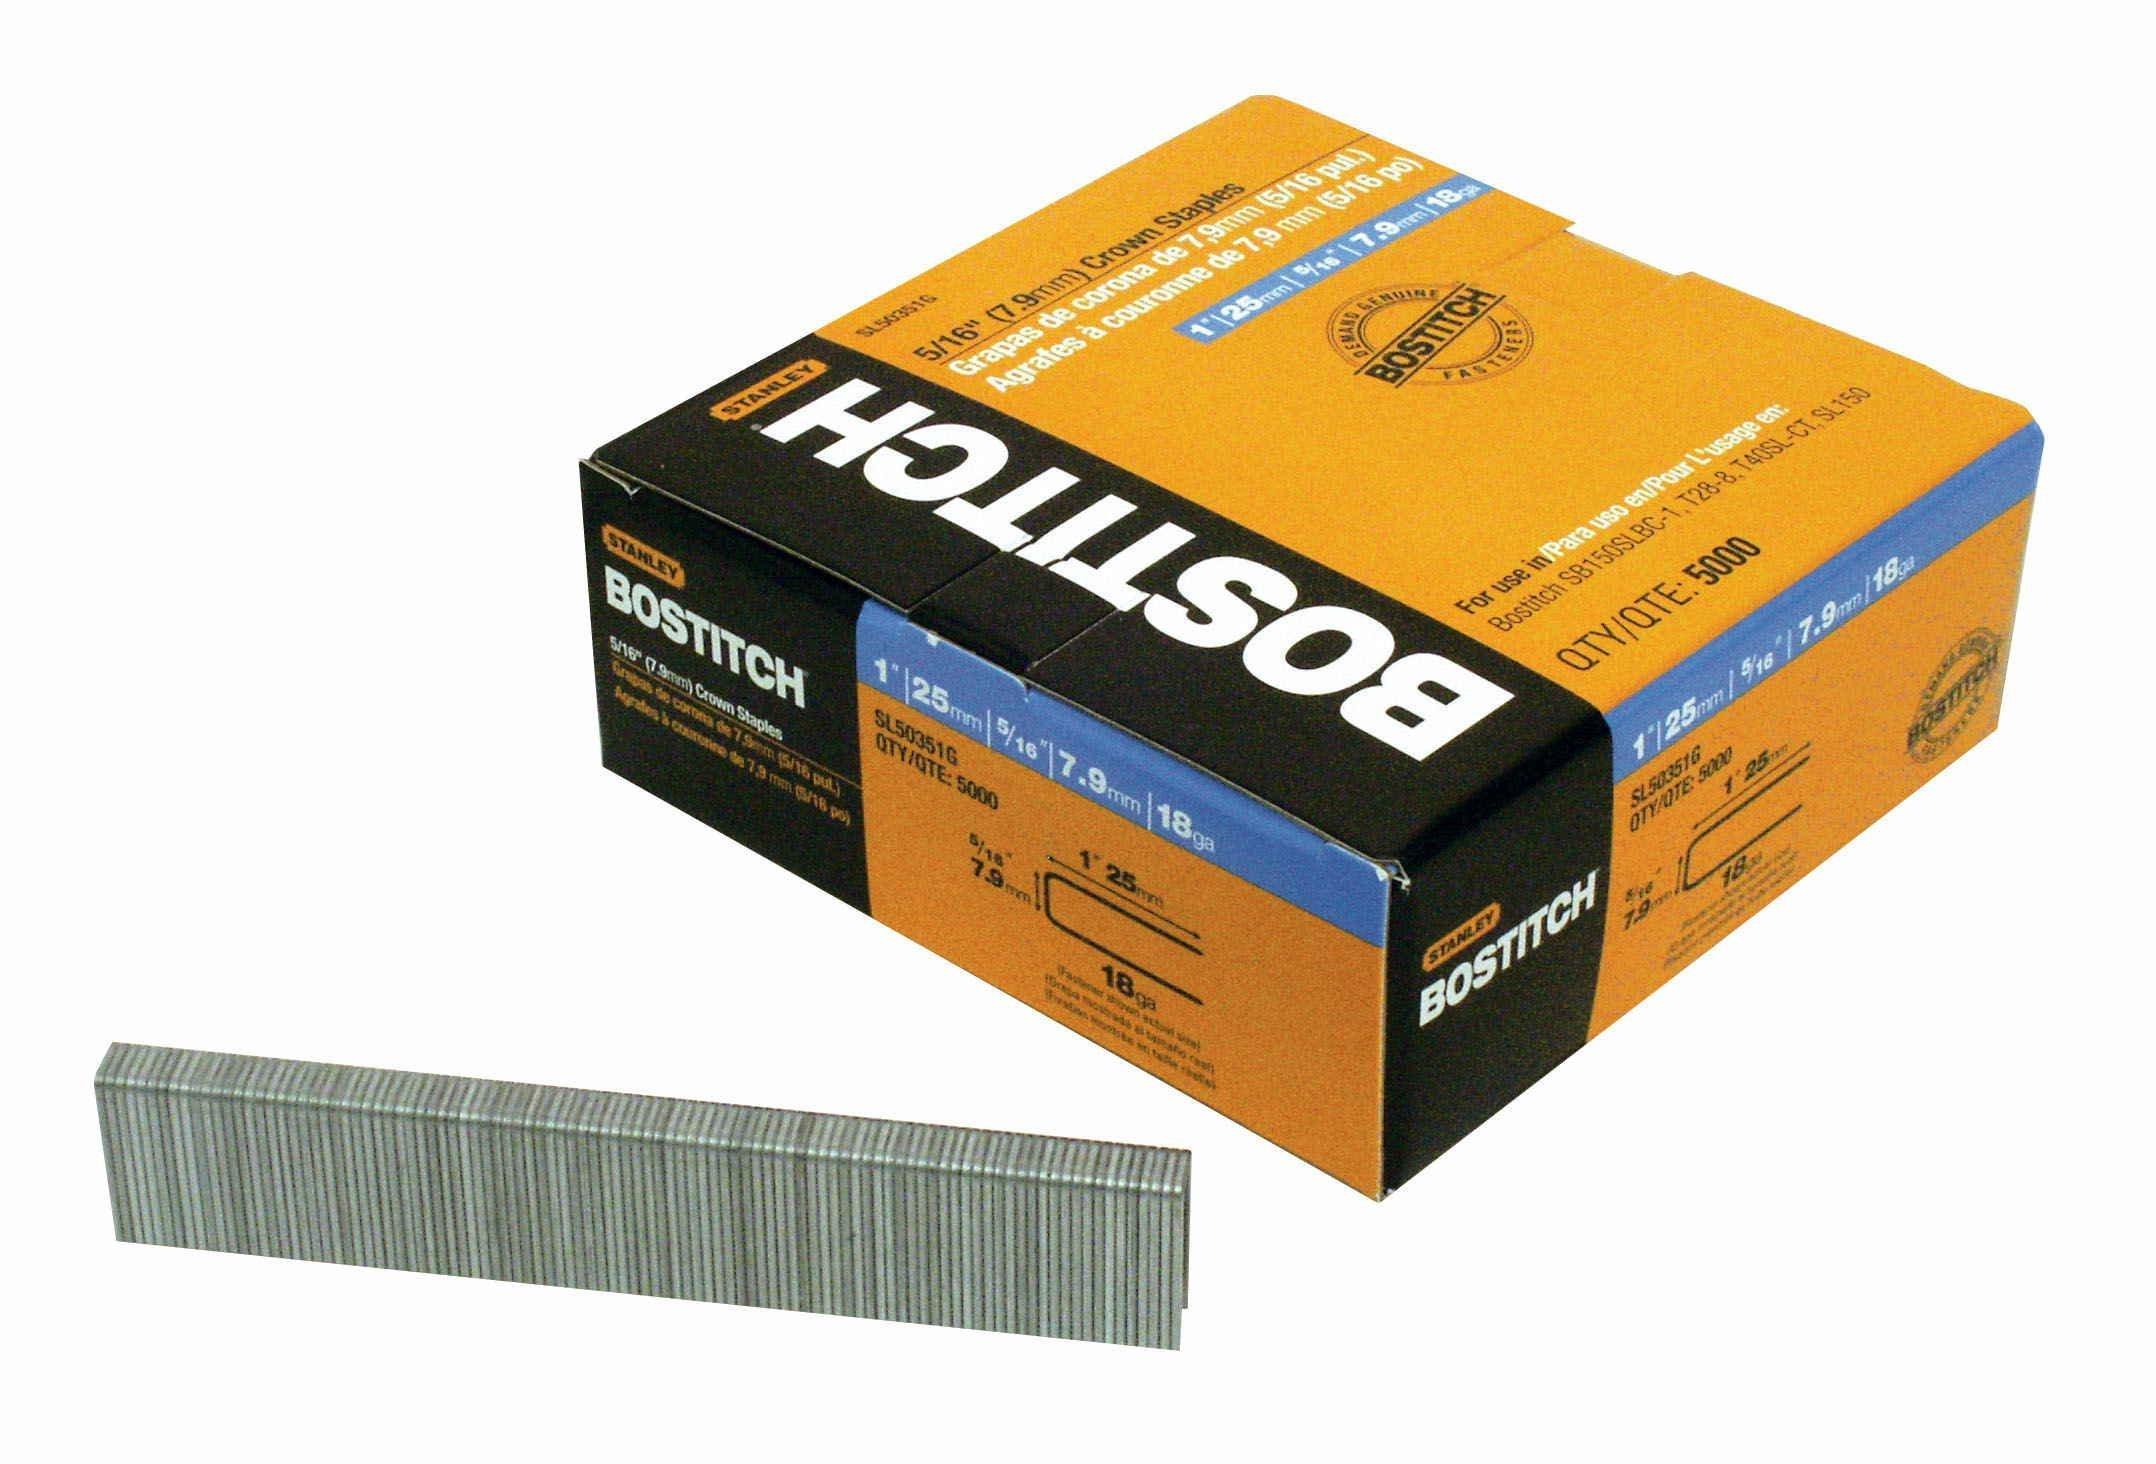 BOSTITCH SL50351G 1-by-5/16-Inch 18-Gauge Staples, 5000-Per Box by BOSTITCH